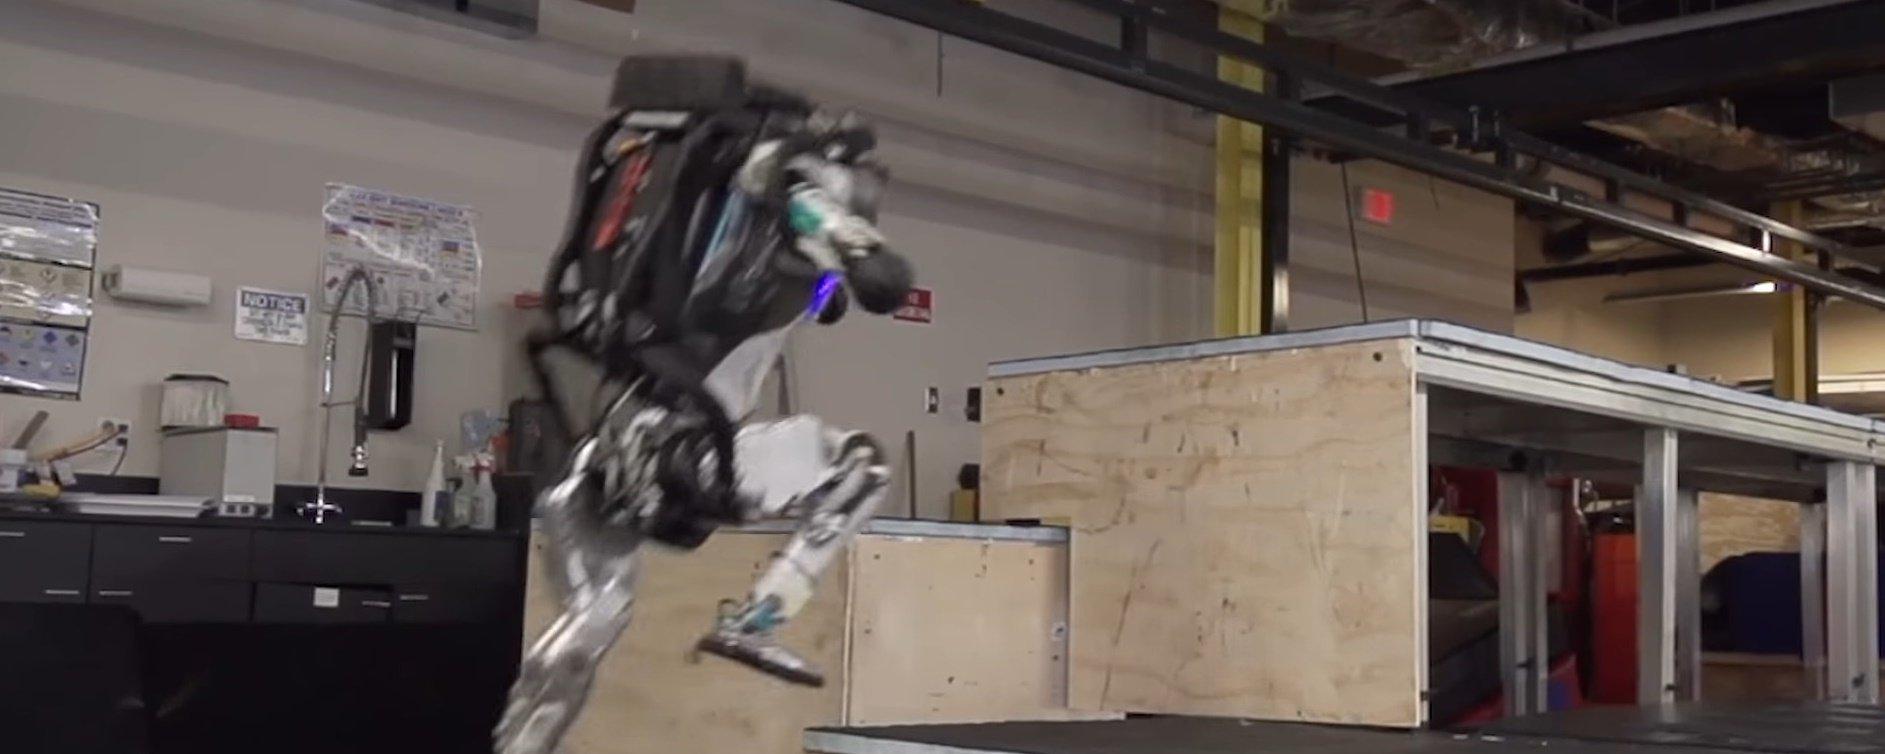 Atlas, o robô da Boston Dynamics, agora sabe fazer Parkour